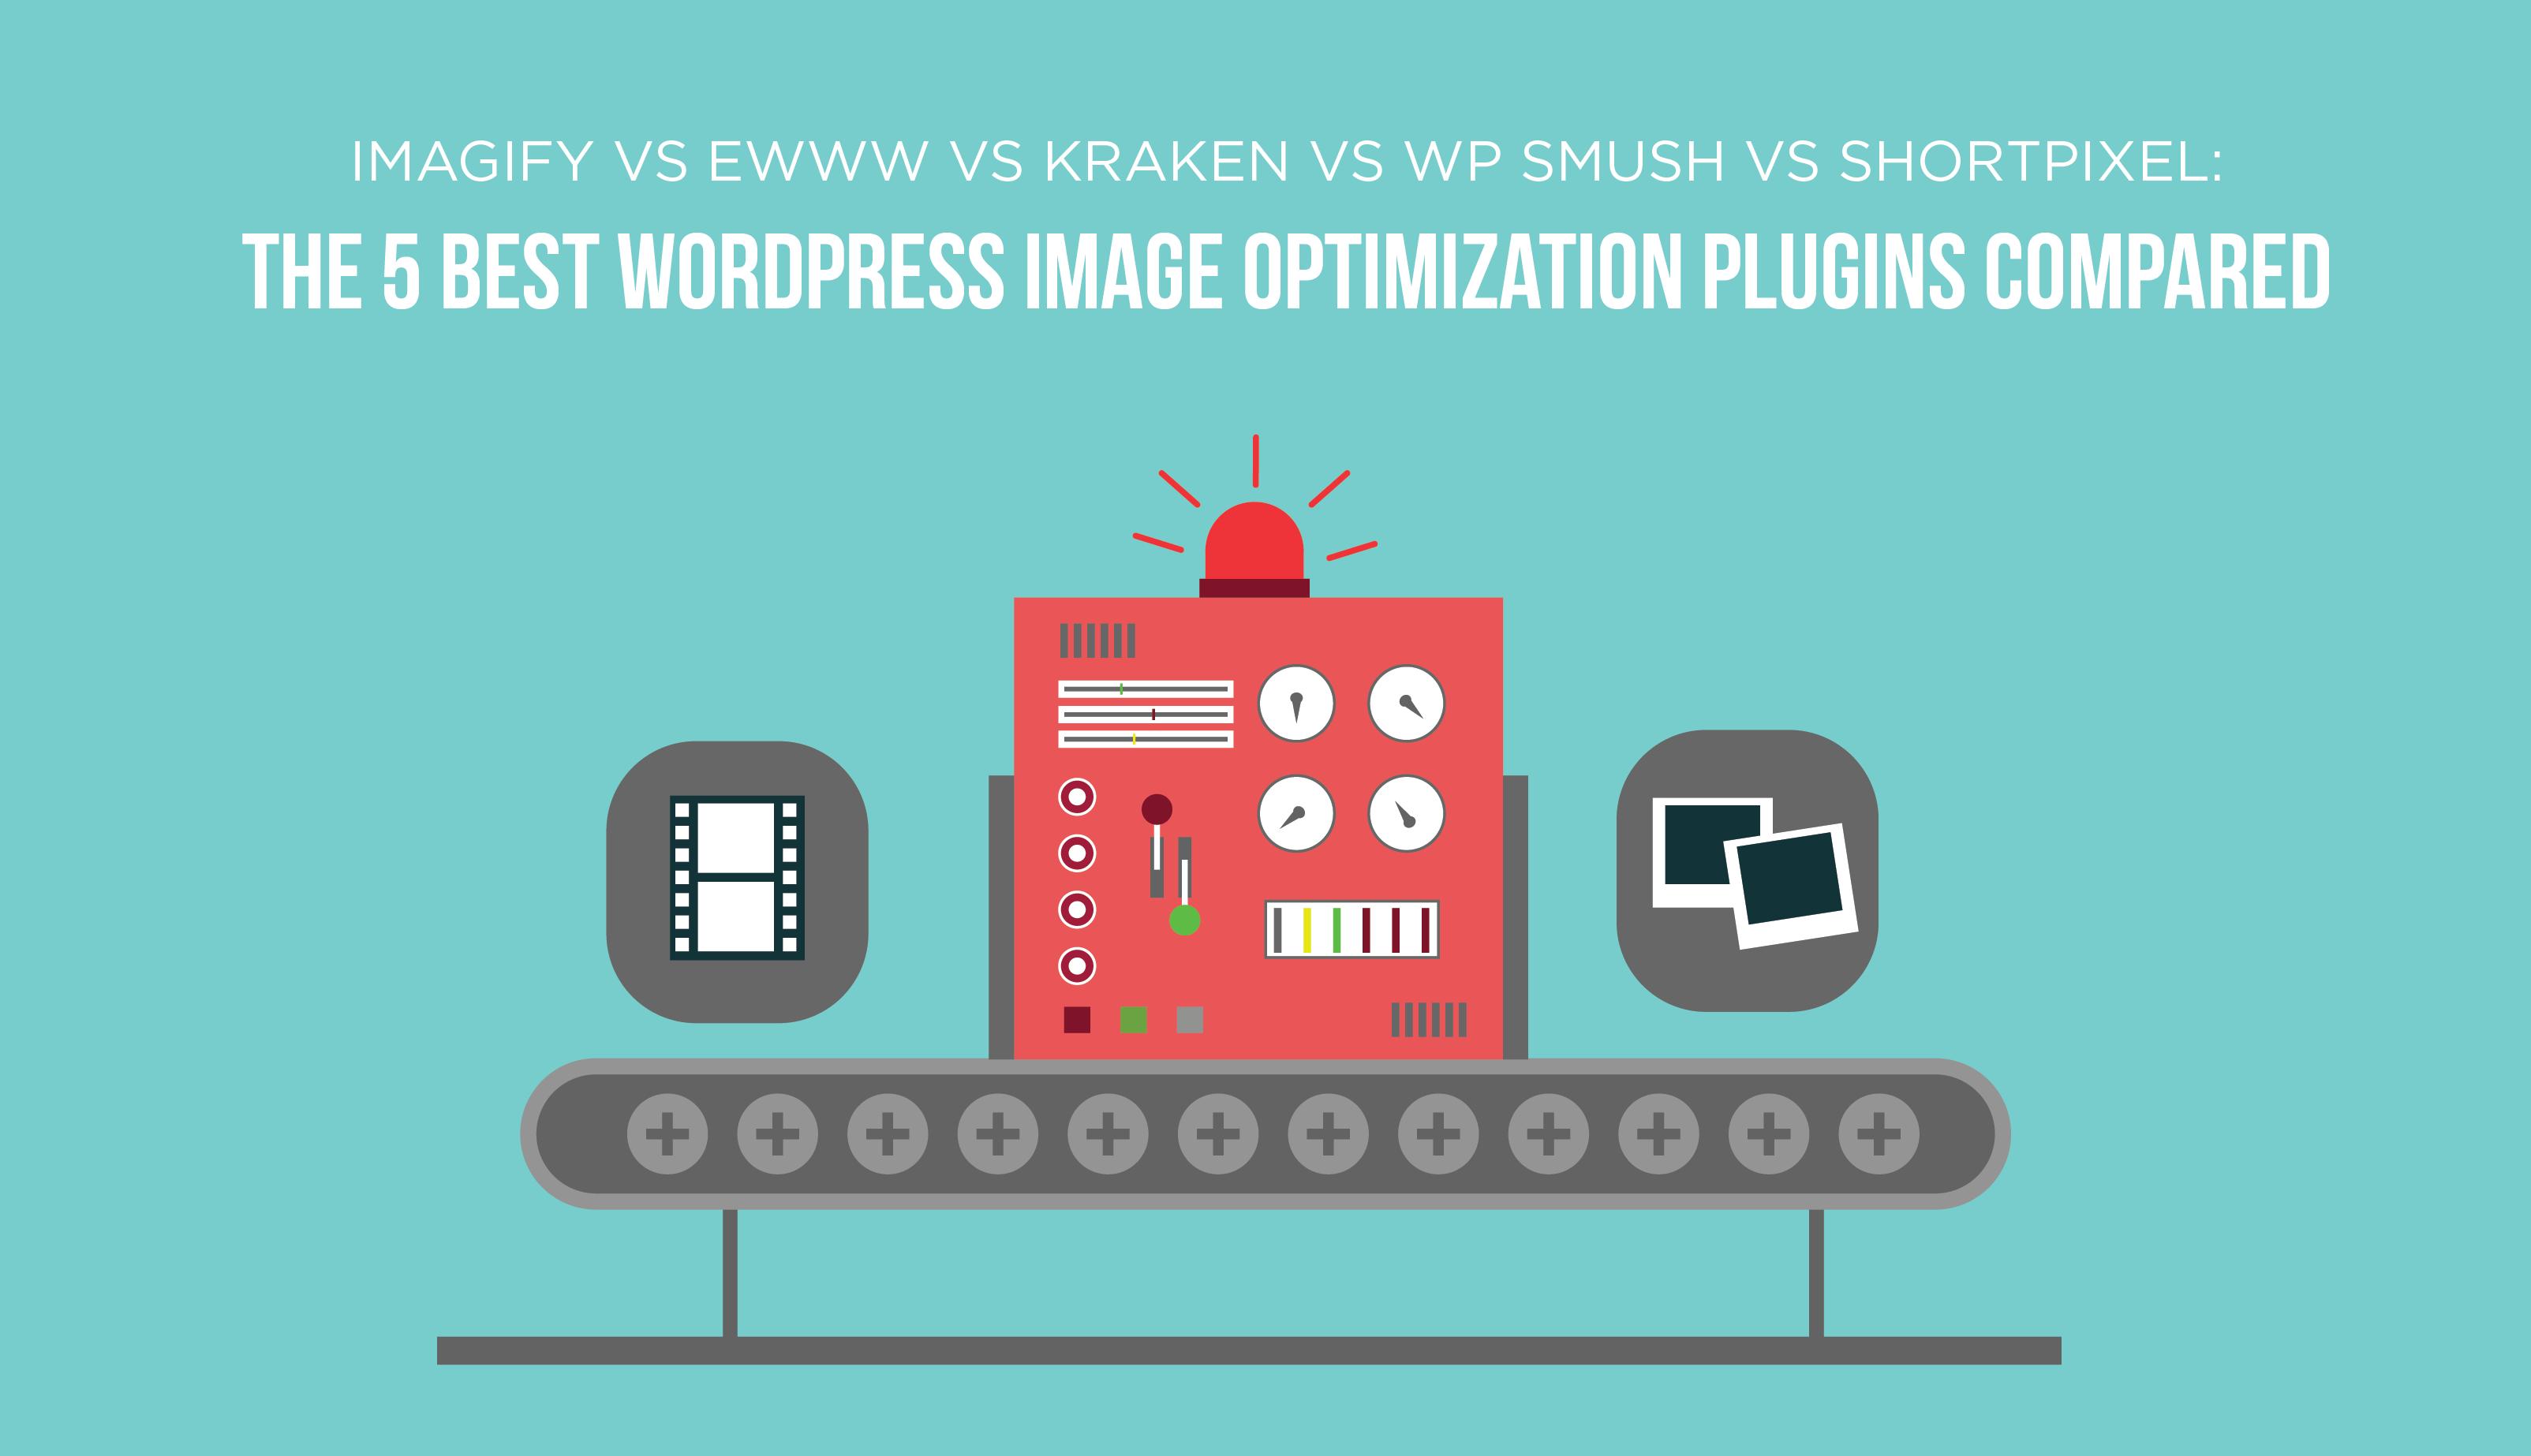 Imagify vs EWWW vs Kraken vs WP Smush vs ShortPixel: The 5 B